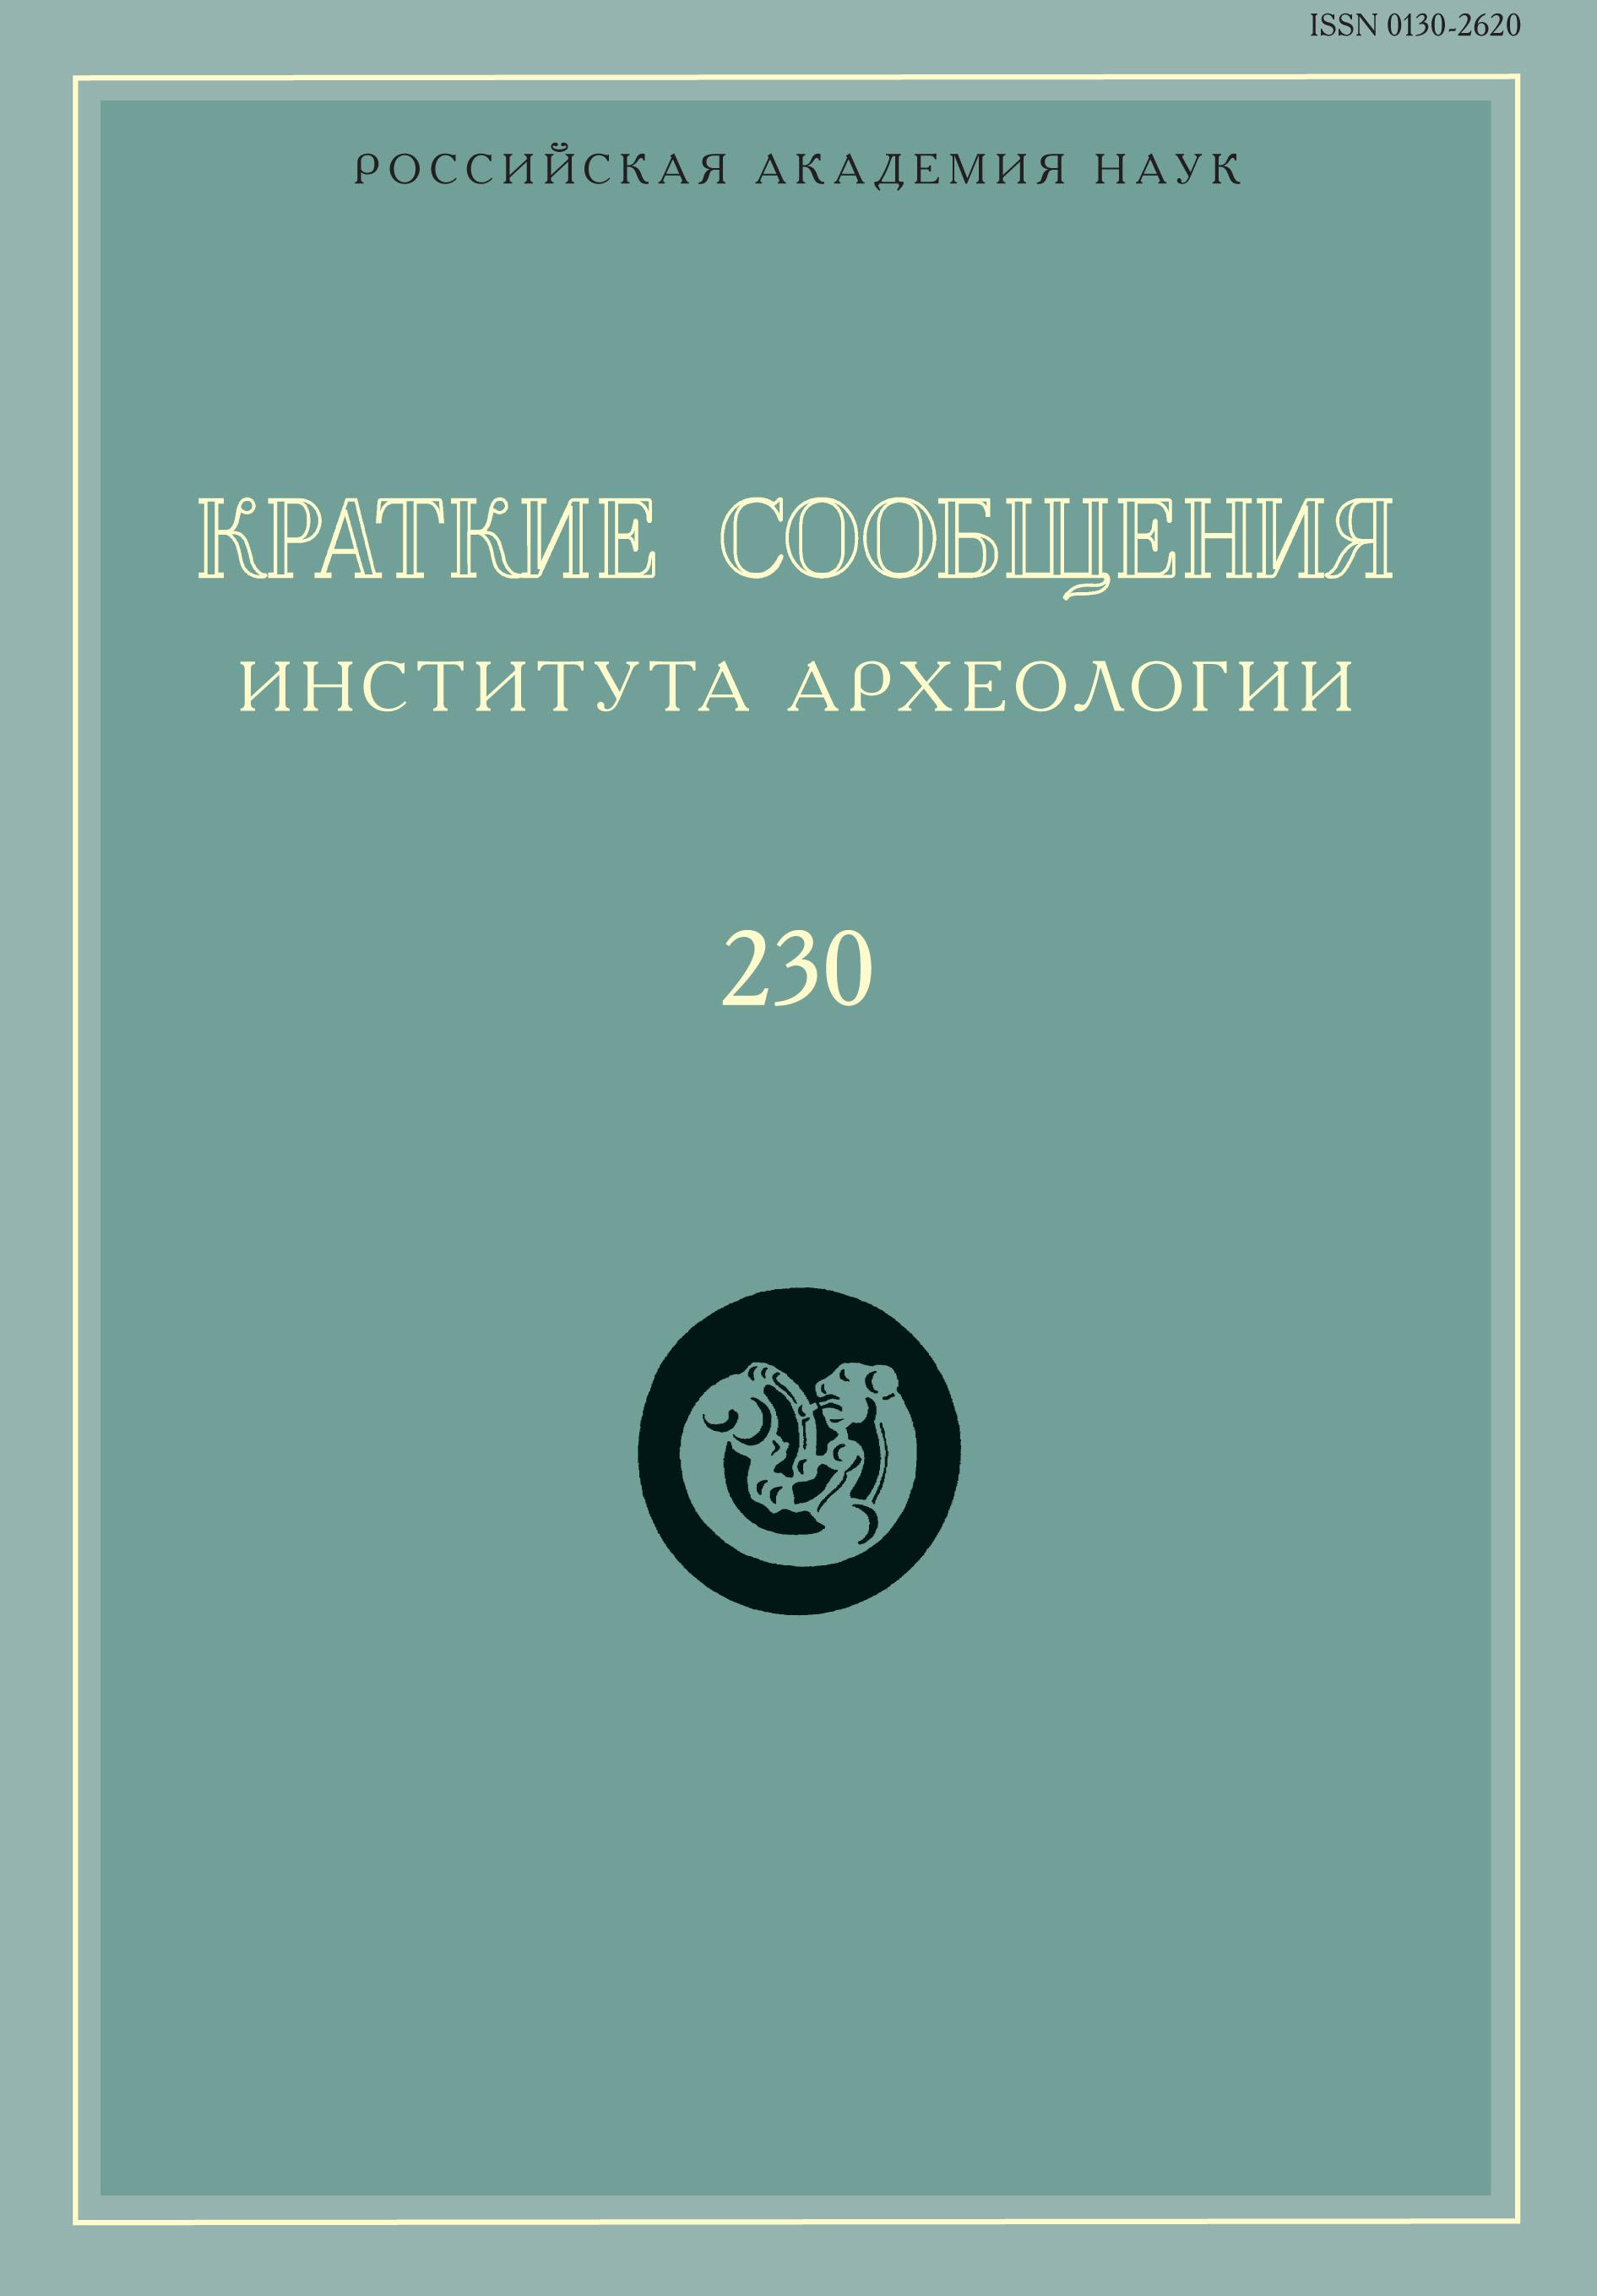 Краткие сообщения Института археологии. Выпуск 230